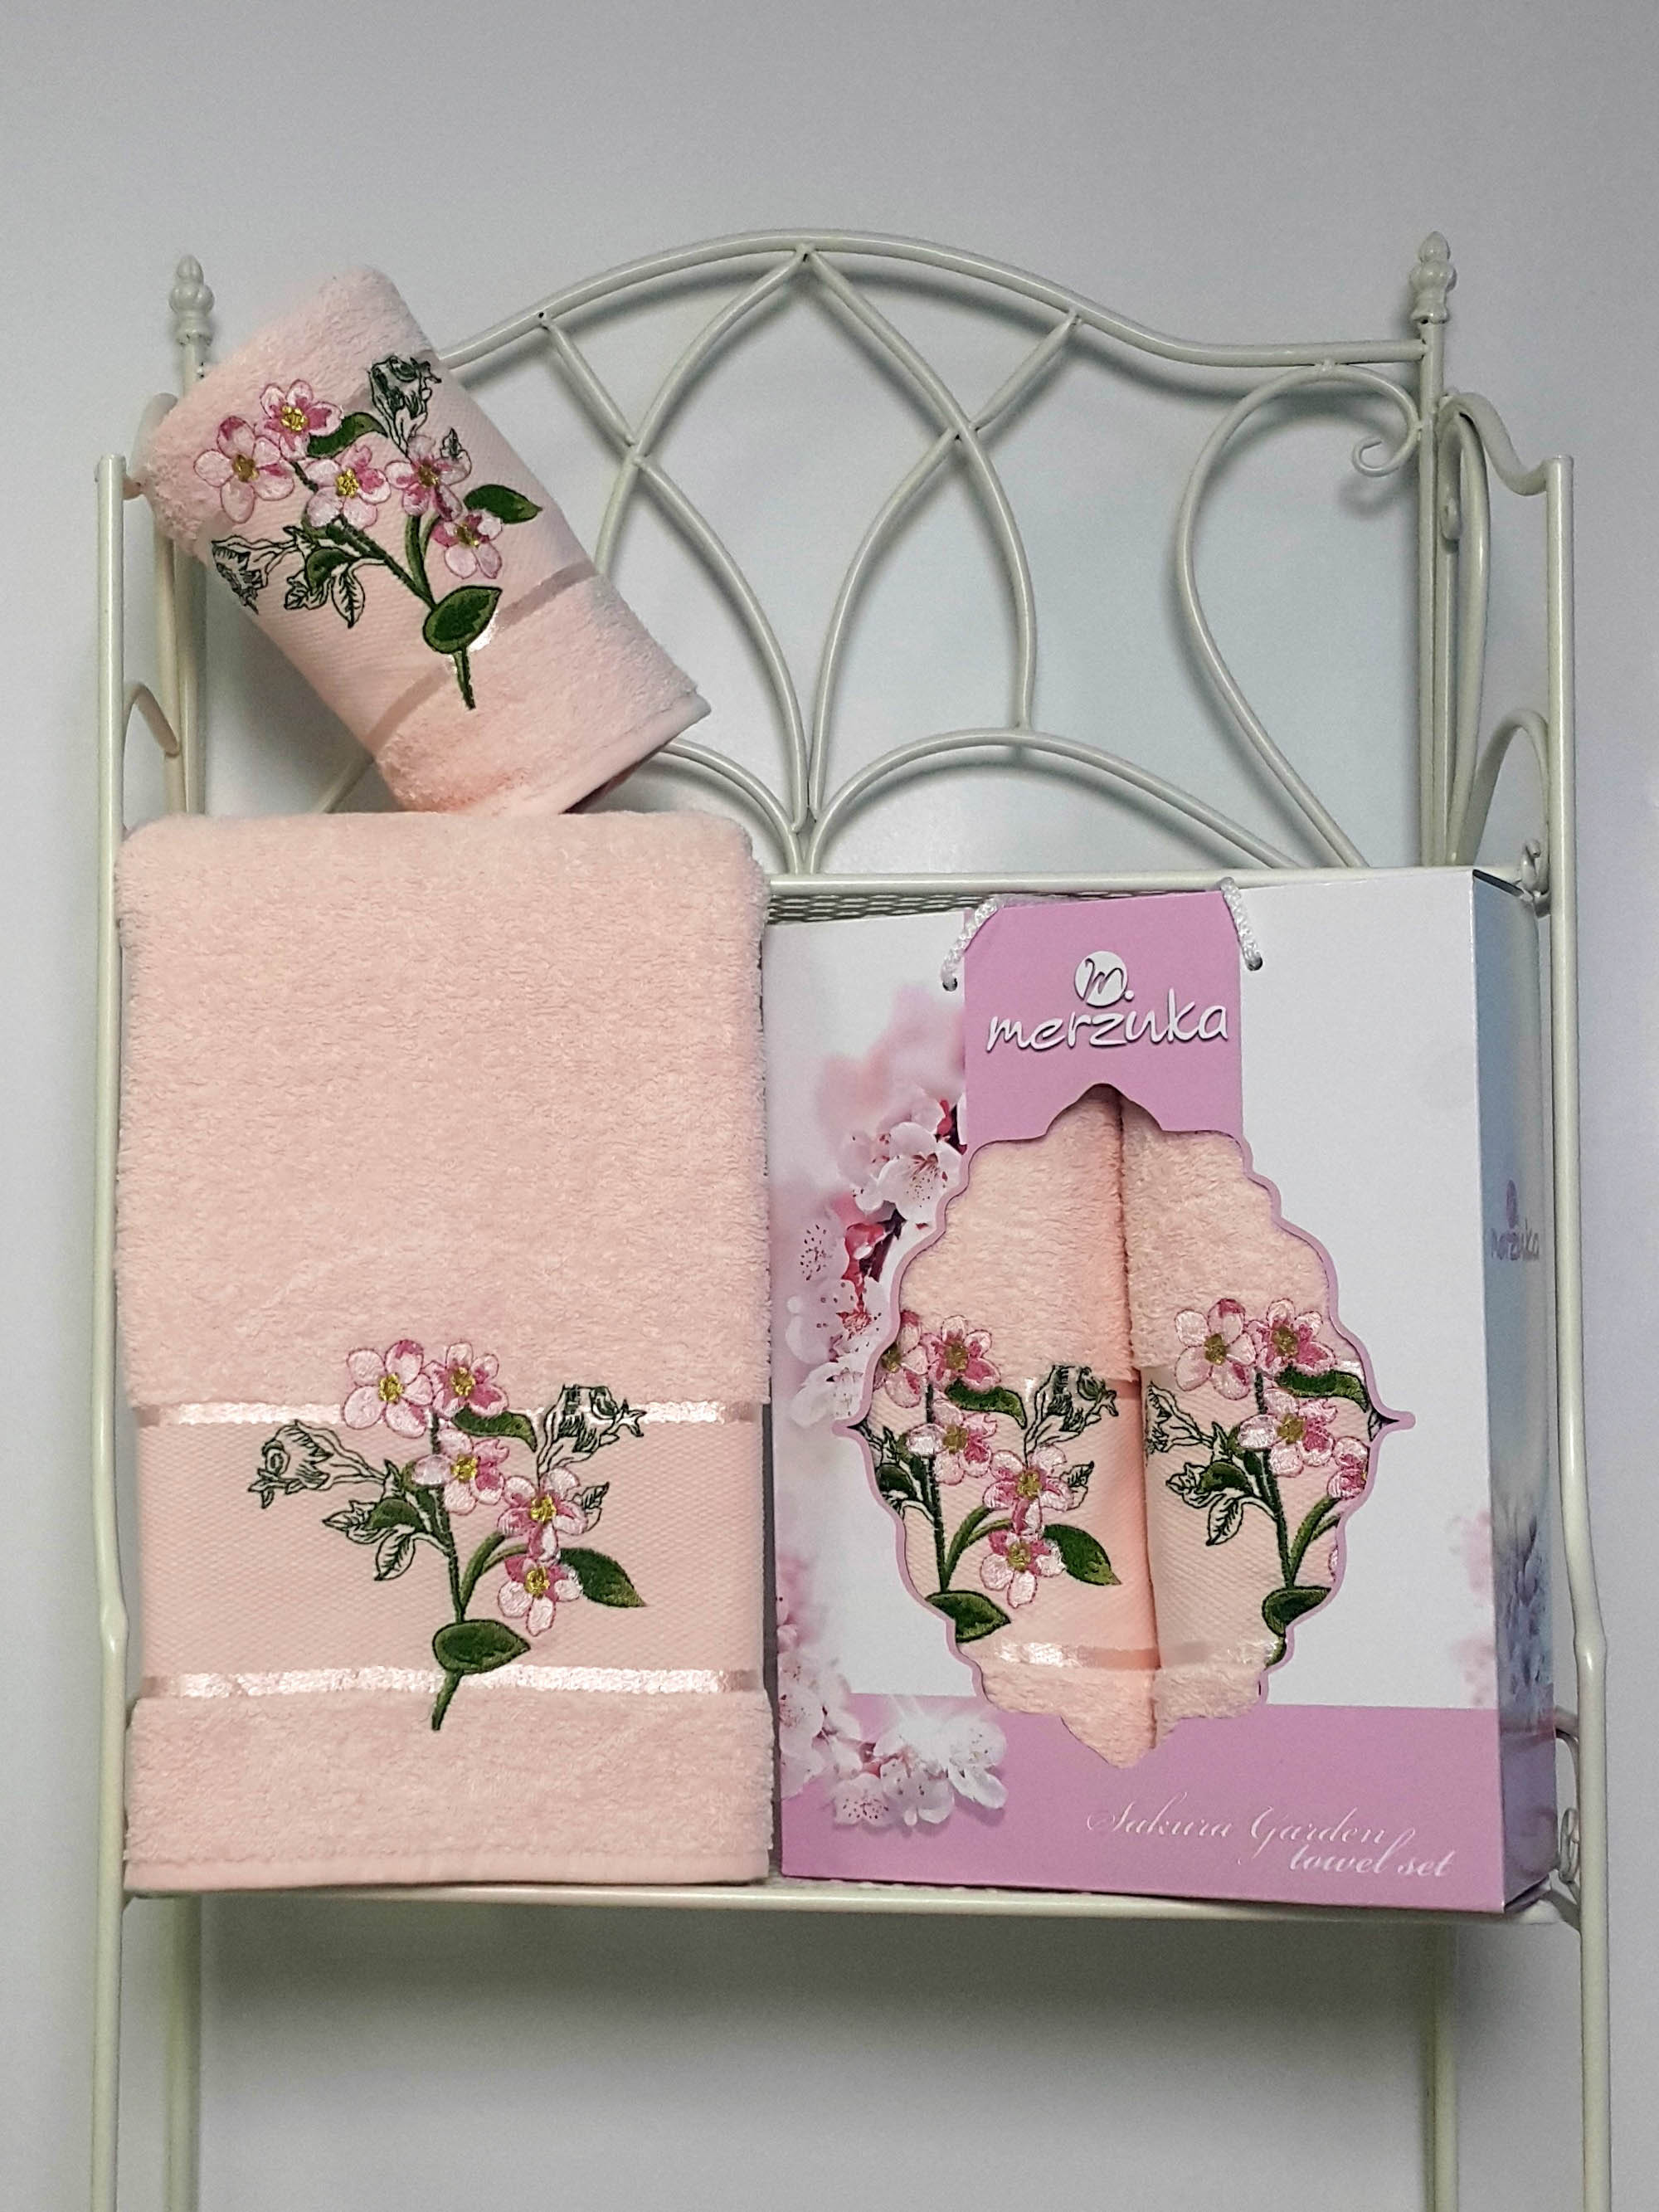 Полотенца Oran Merzuka Набор из 2 полотенец Sakura Garden Цвет: Пудра полотенца oran merzuka набор из 3 полотенец sakura цвет зелёный